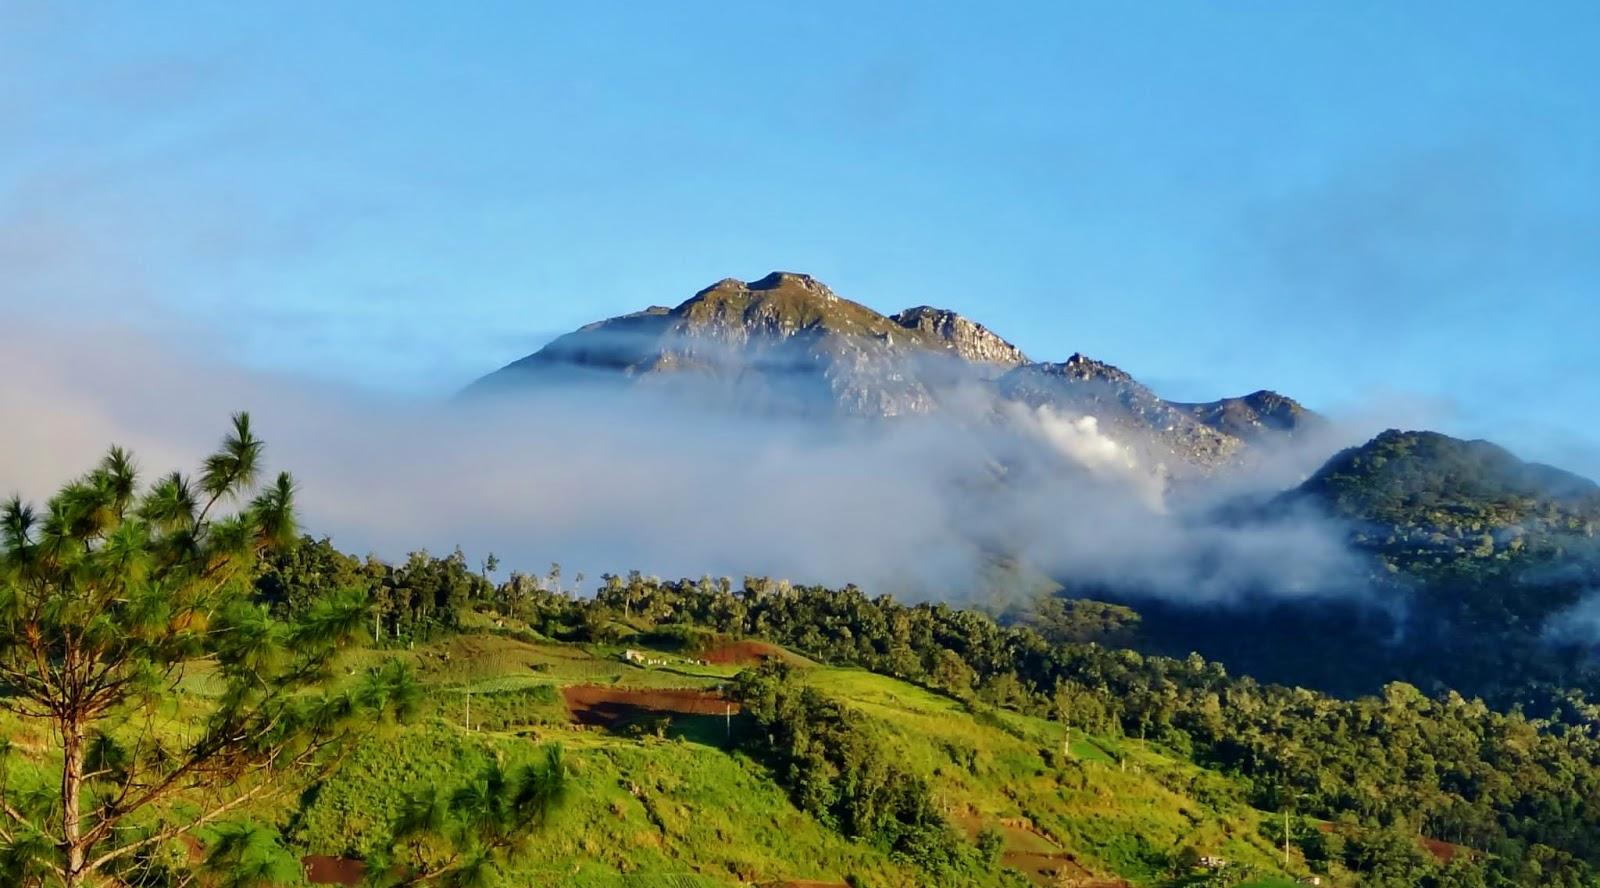 wisata menarik Gunung Apo - 2.954 mdpl (Filipina)